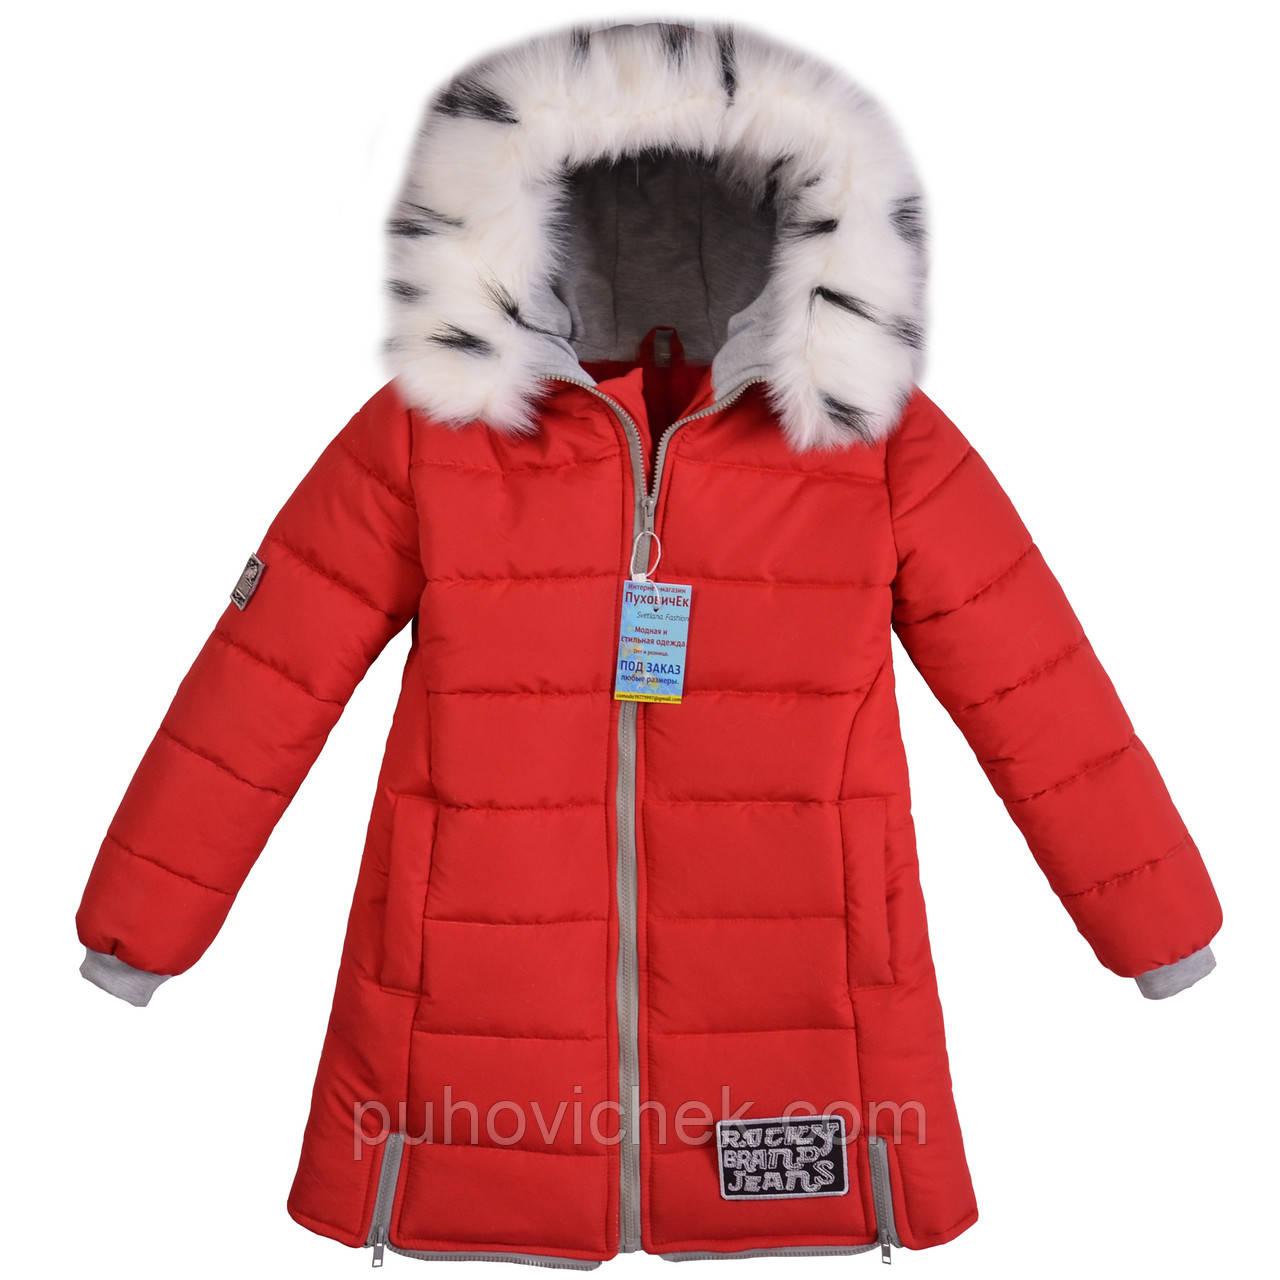 Зимние куртки пуховики  для девочек интернет магазин 55